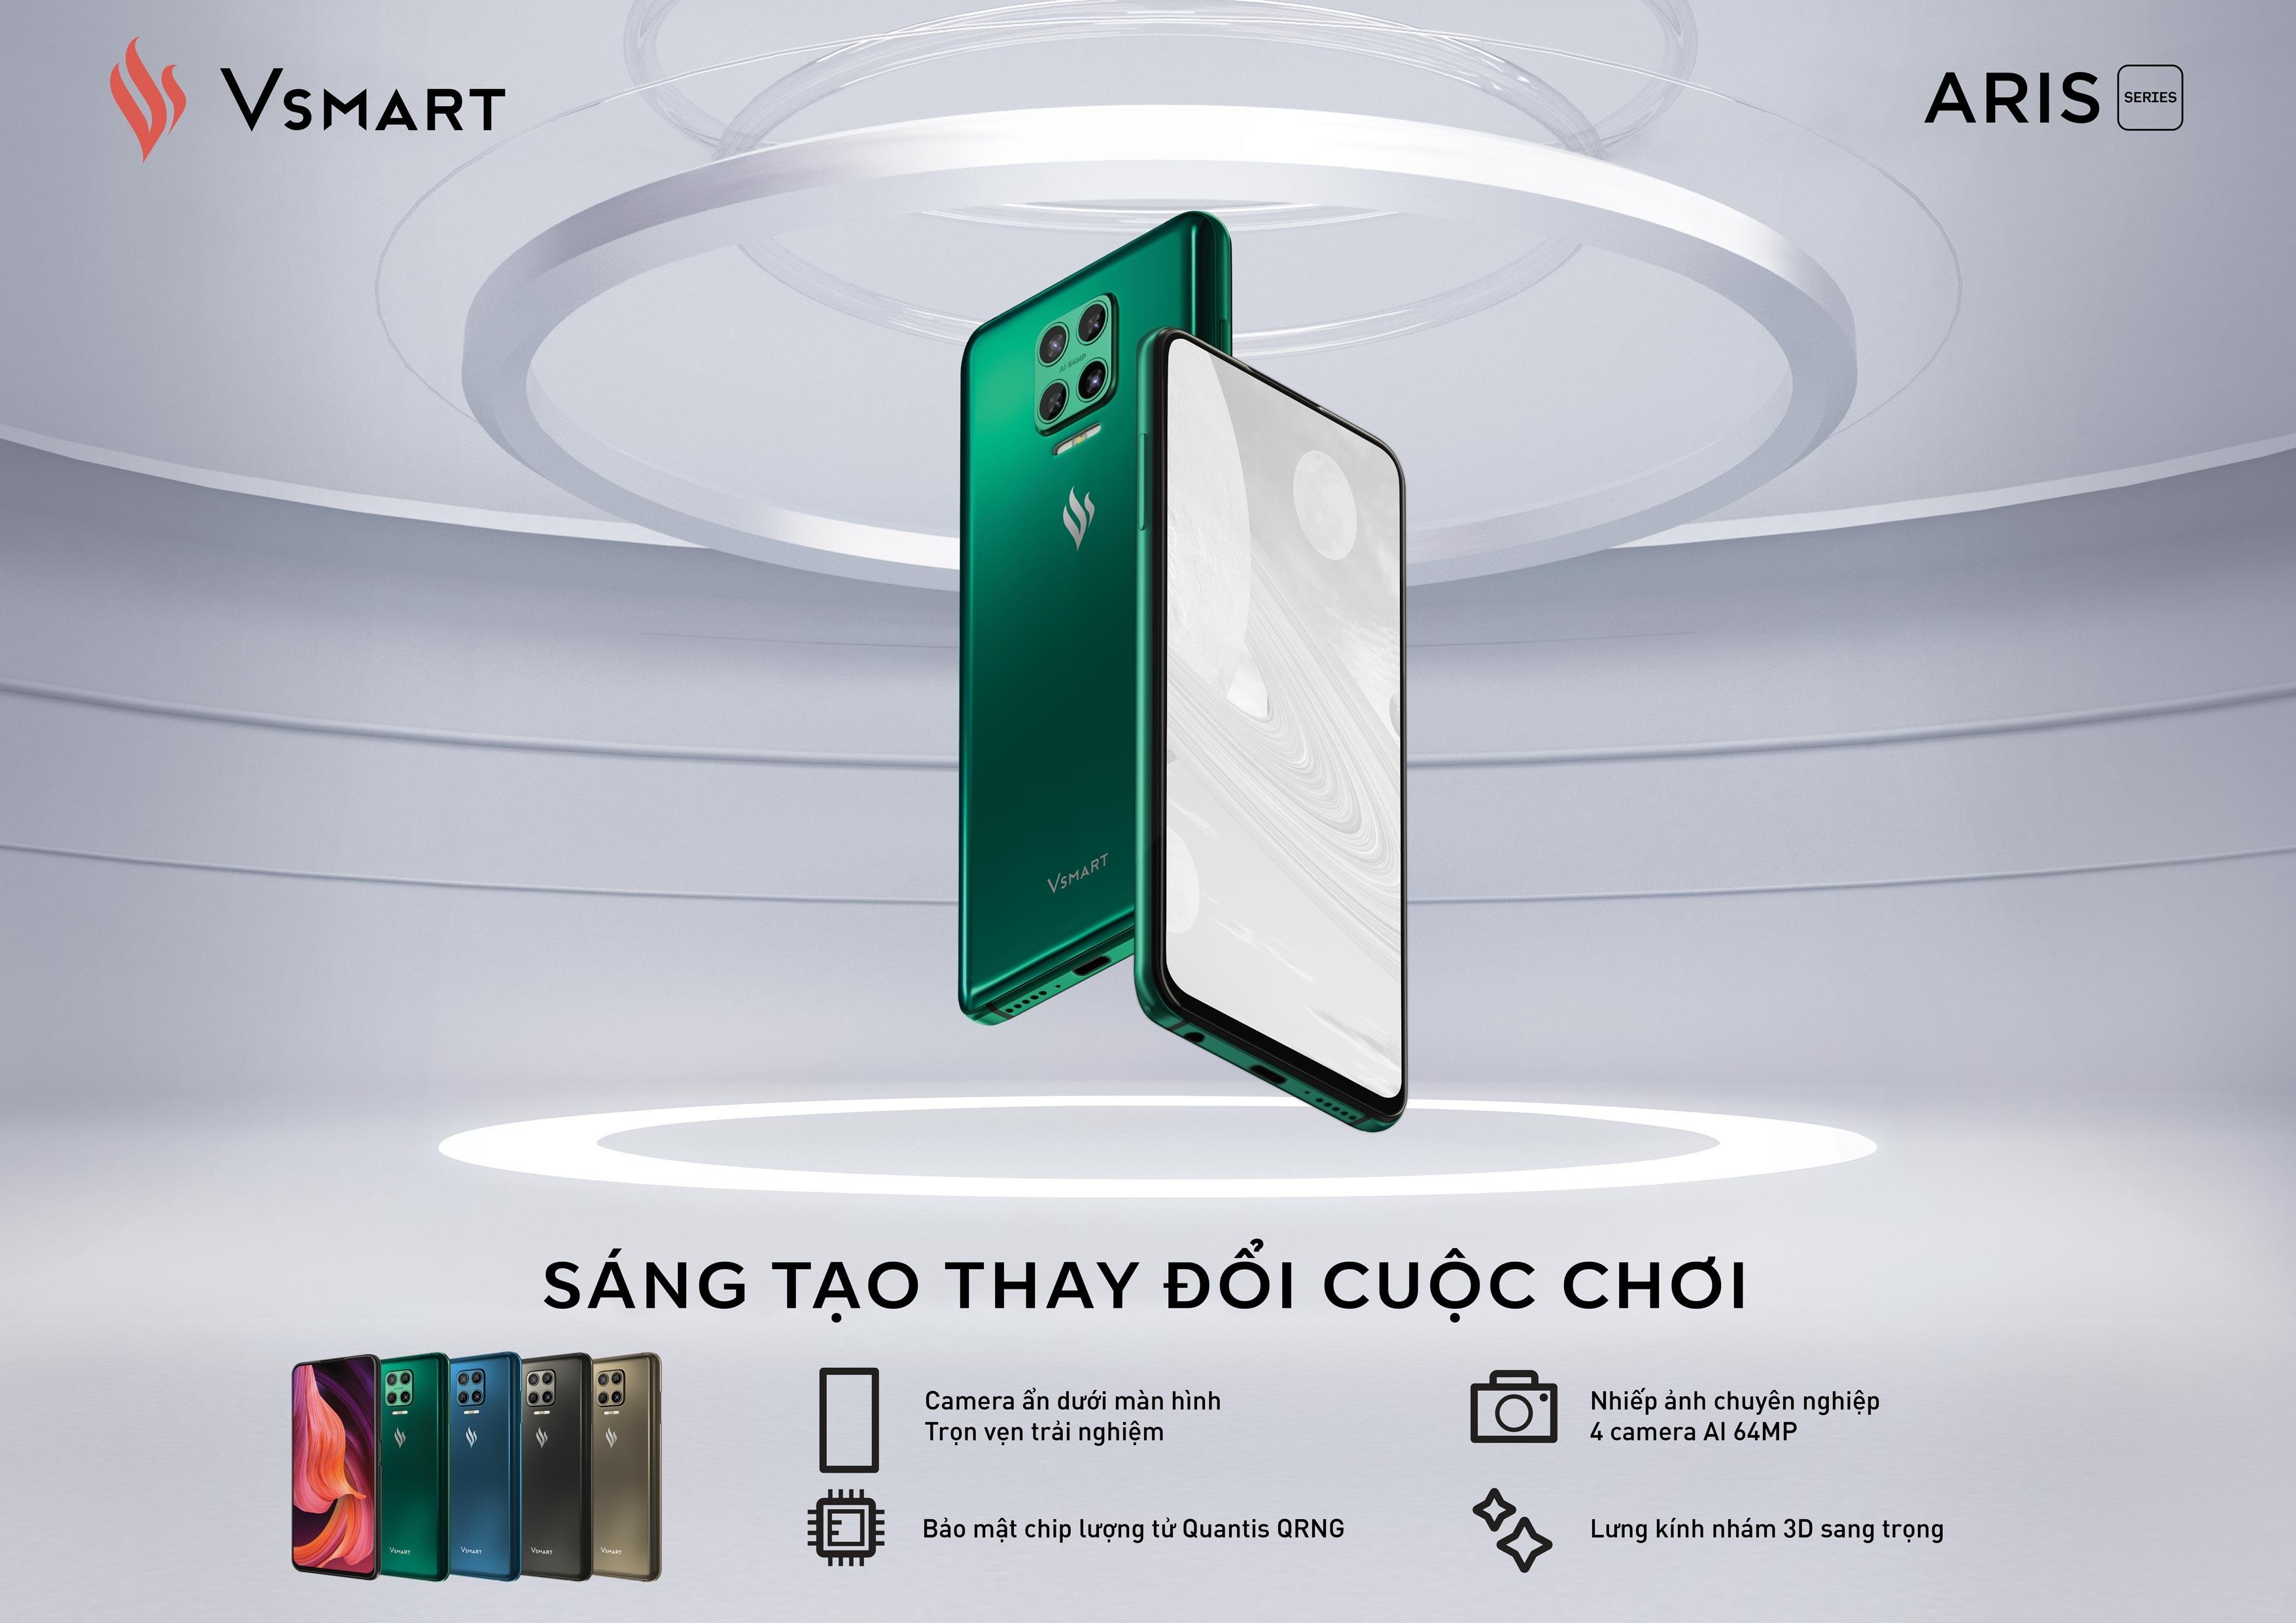 Vsmart Aris Pro: Điện thoại camera ẩn đầu tiên của Việt Nam có gì đặc biệt? - Ảnh 3.